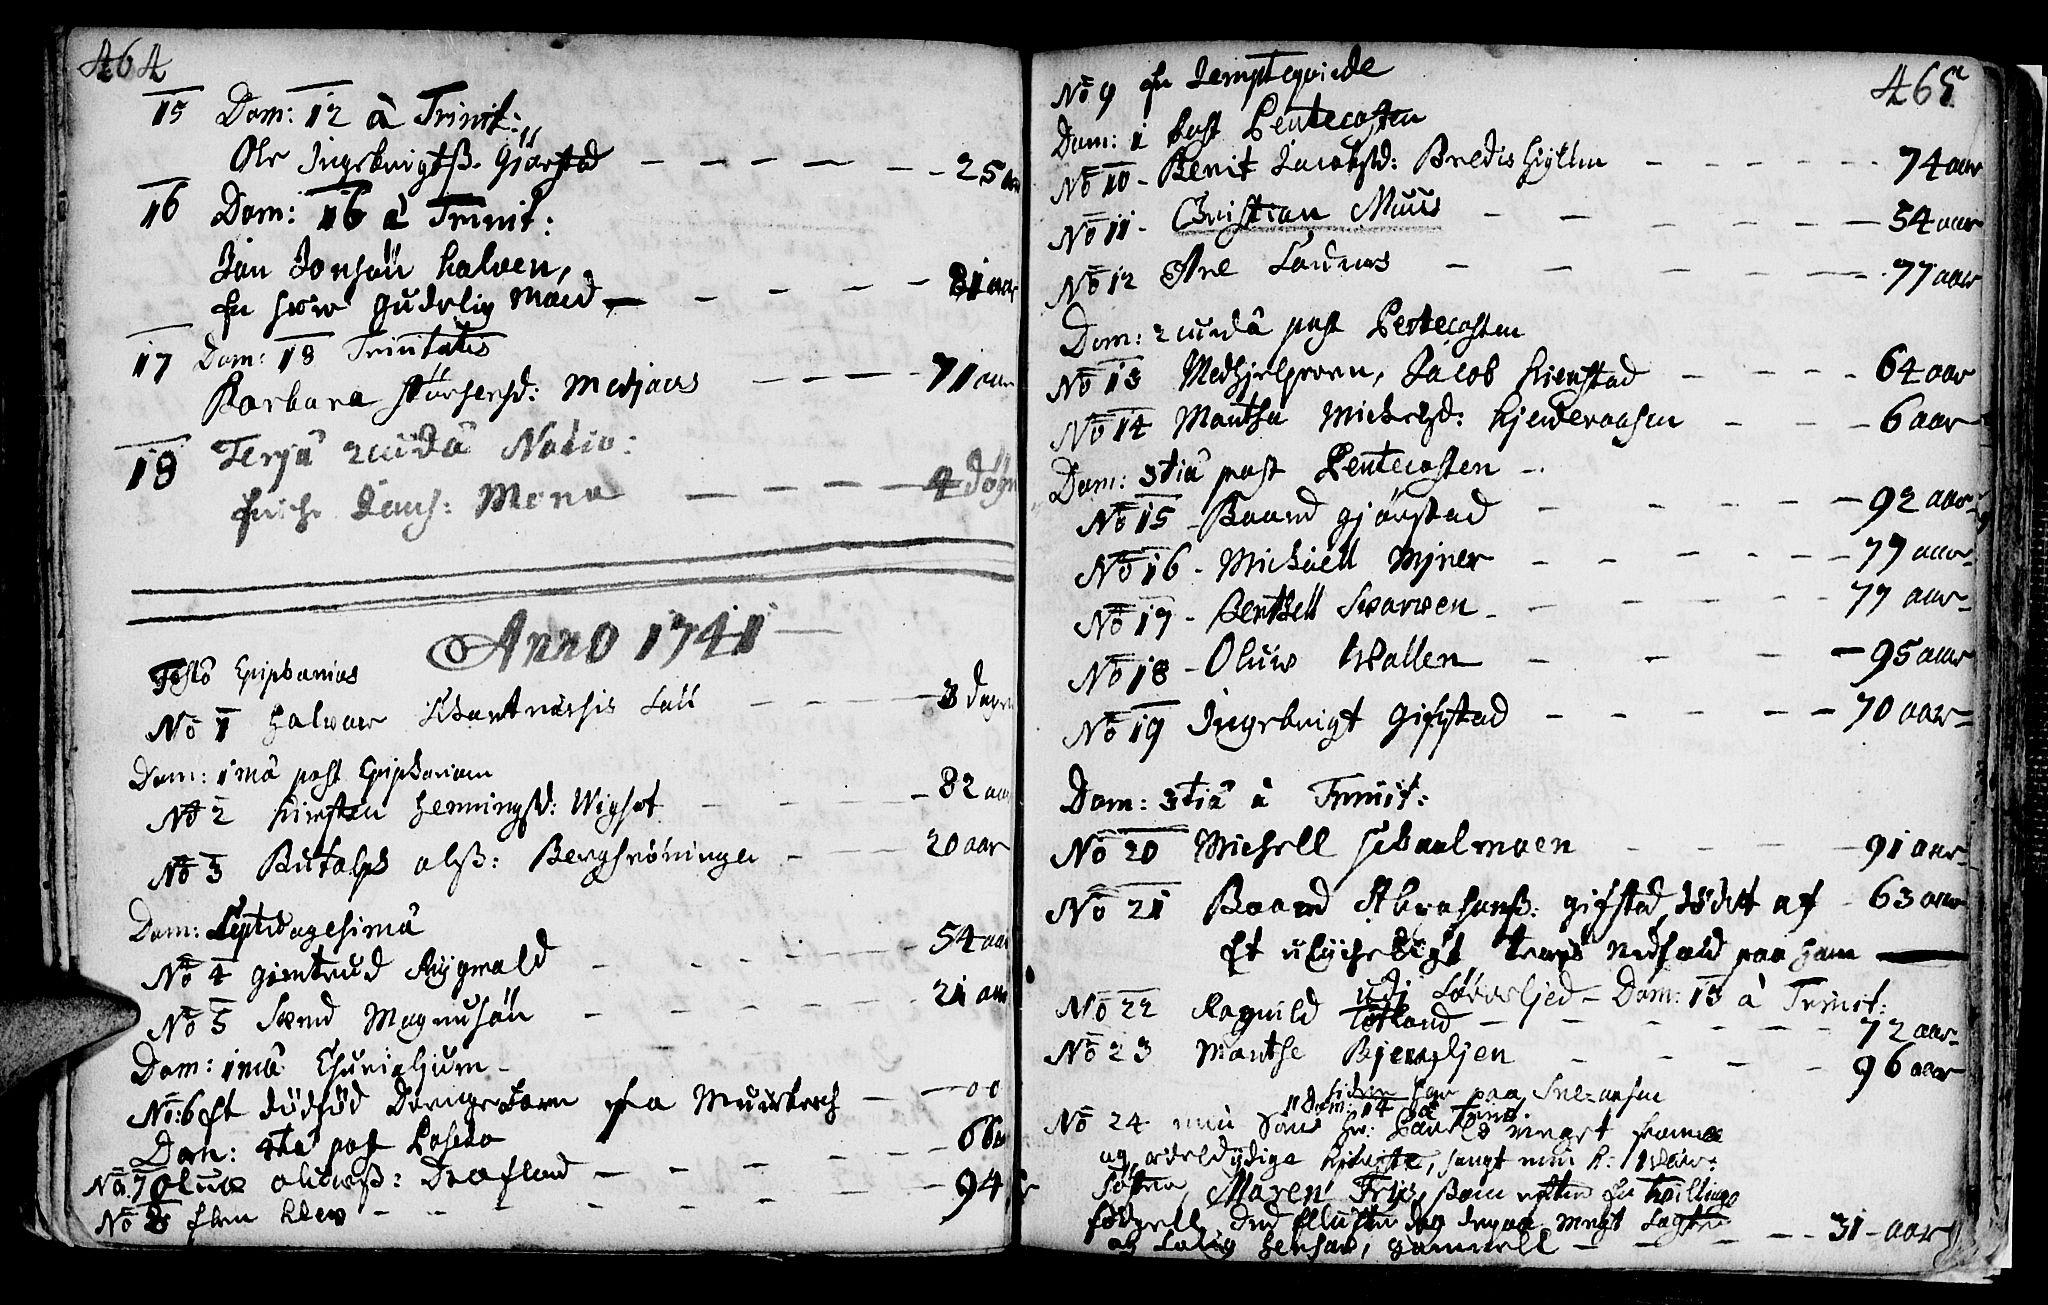 SAT, Ministerialprotokoller, klokkerbøker og fødselsregistre - Nord-Trøndelag, 749/L0467: Ministerialbok nr. 749A01, 1733-1787, s. 464-465